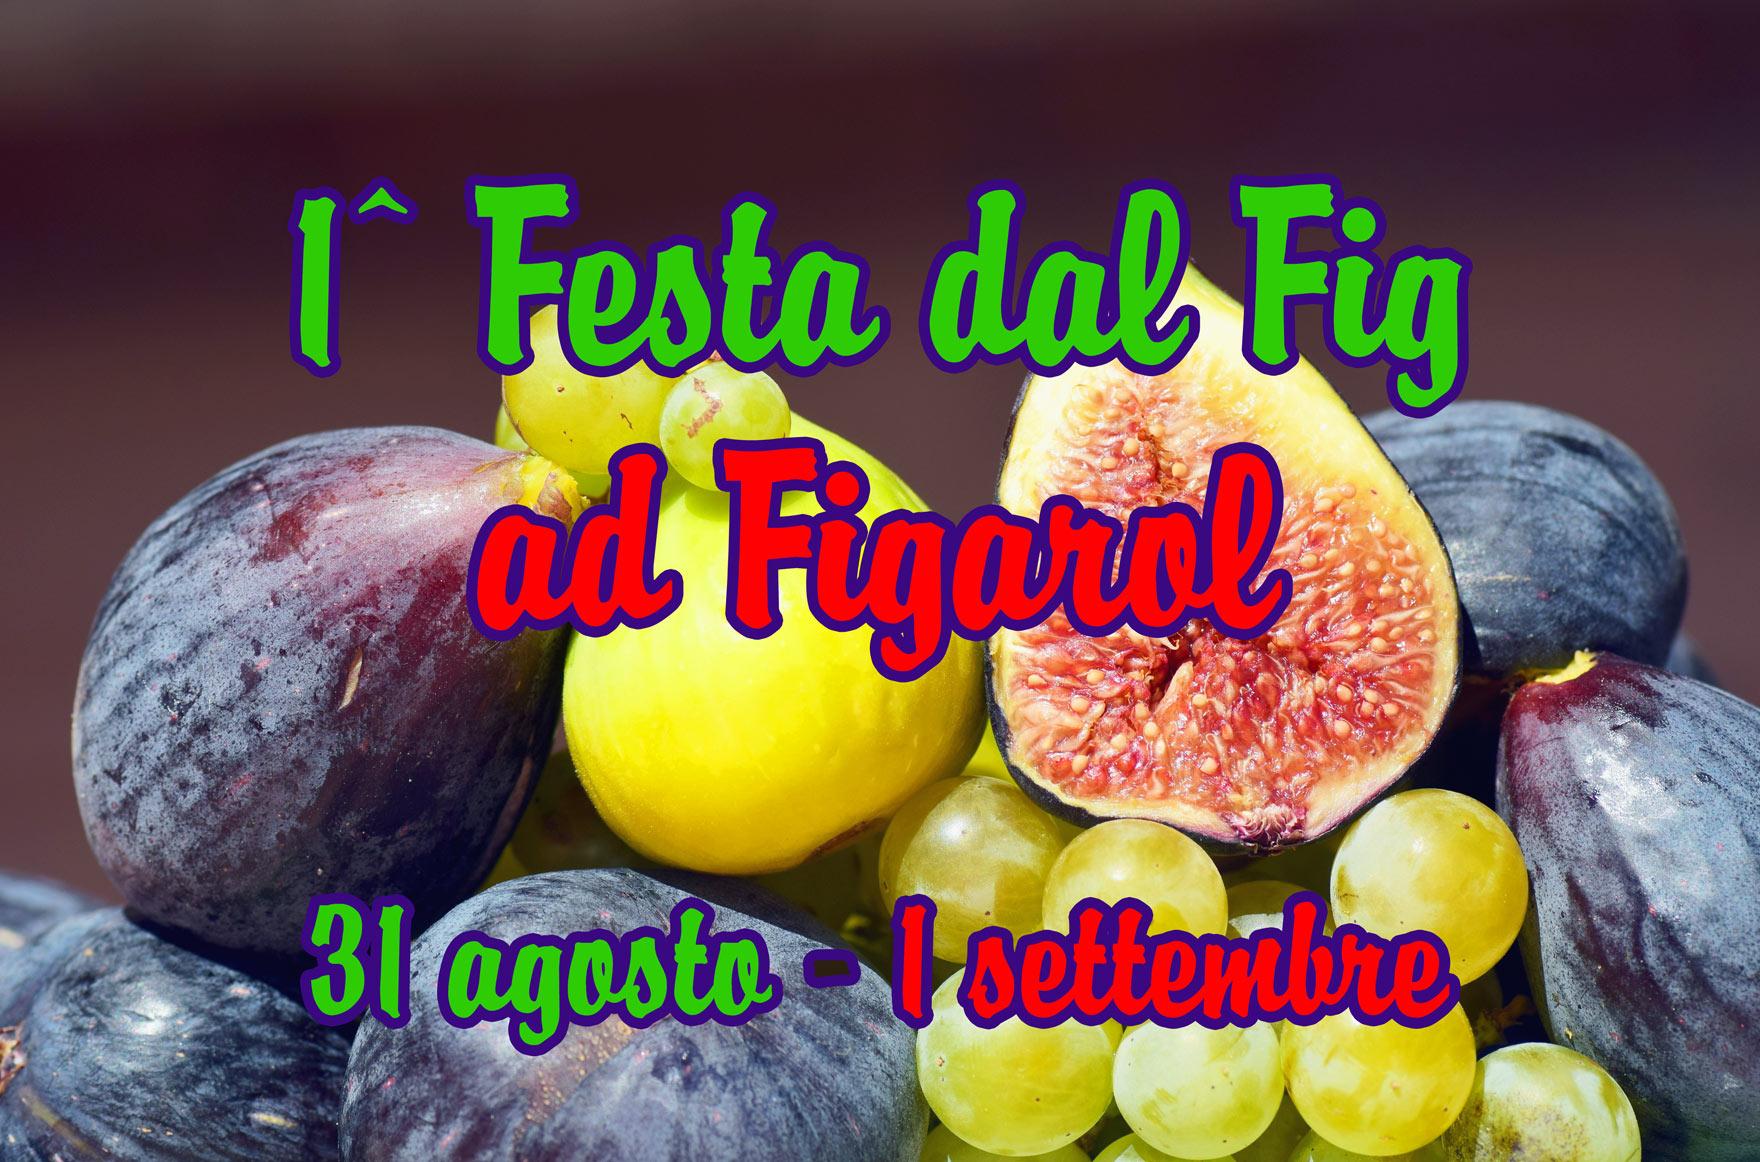 festa-dal-fig-ad-figarol-2019